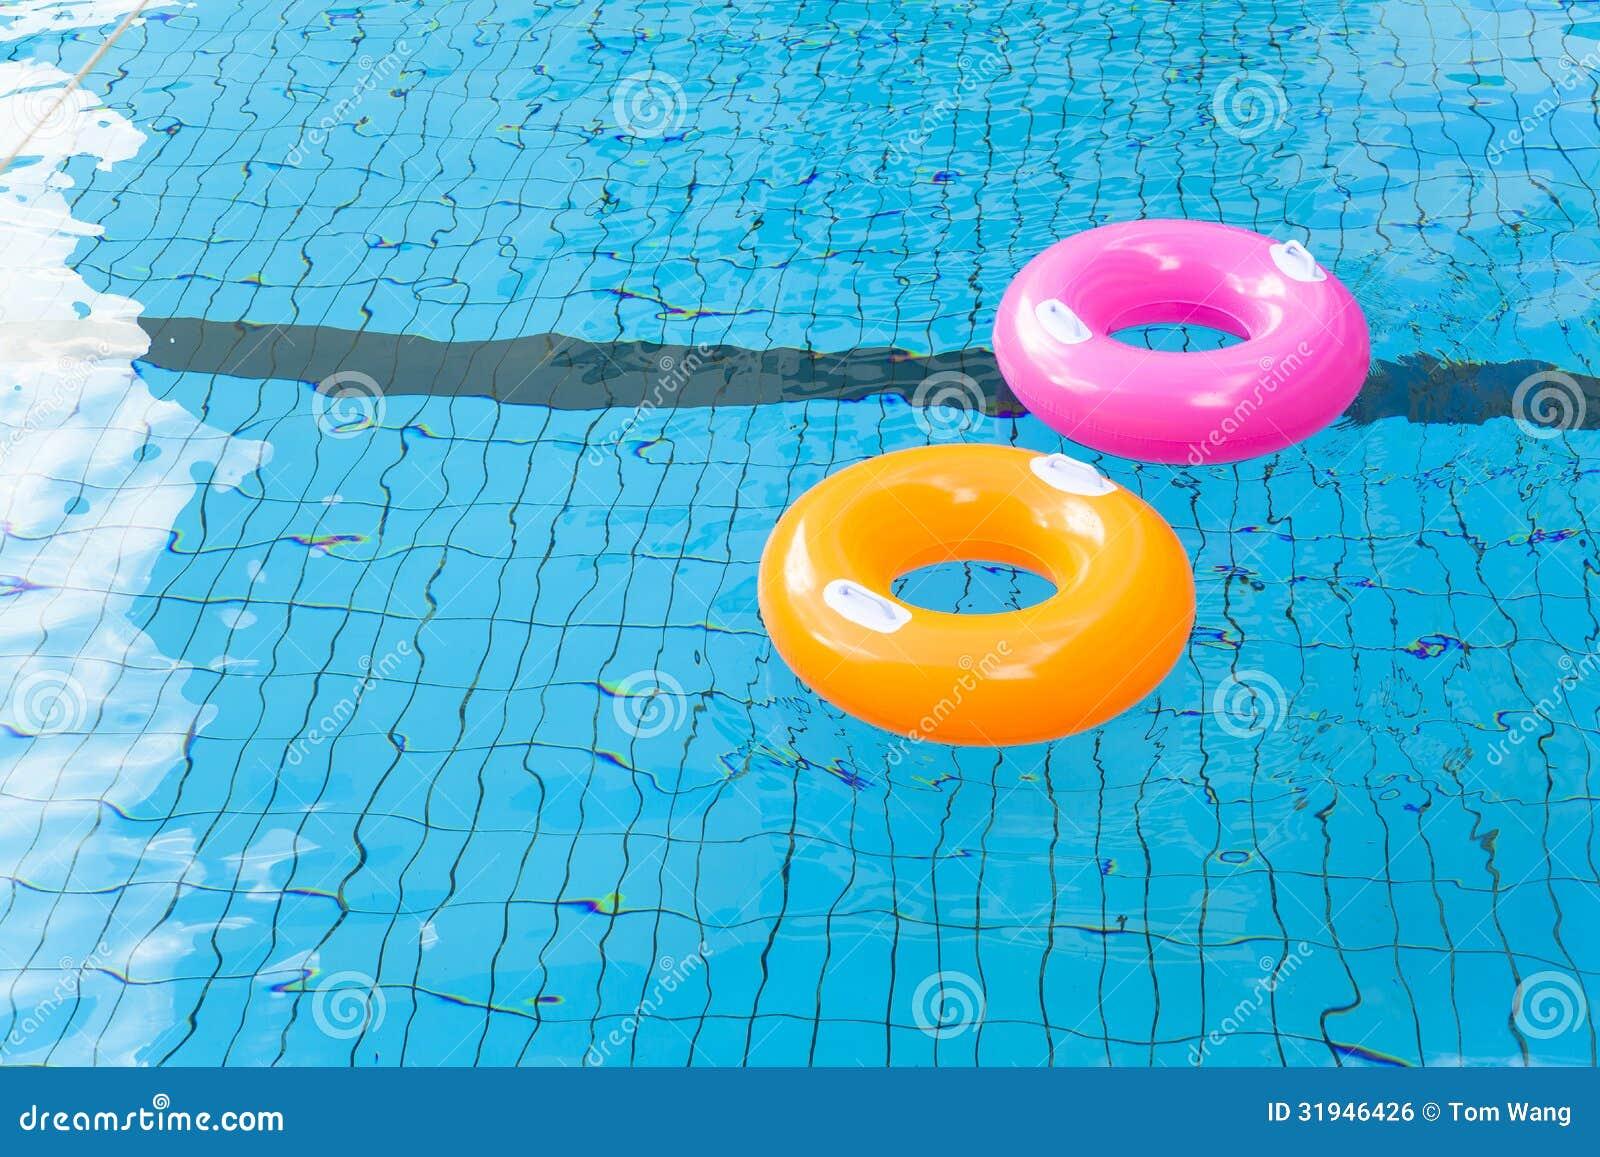 Swimming Pool Jewelry : Pool rings jewelry